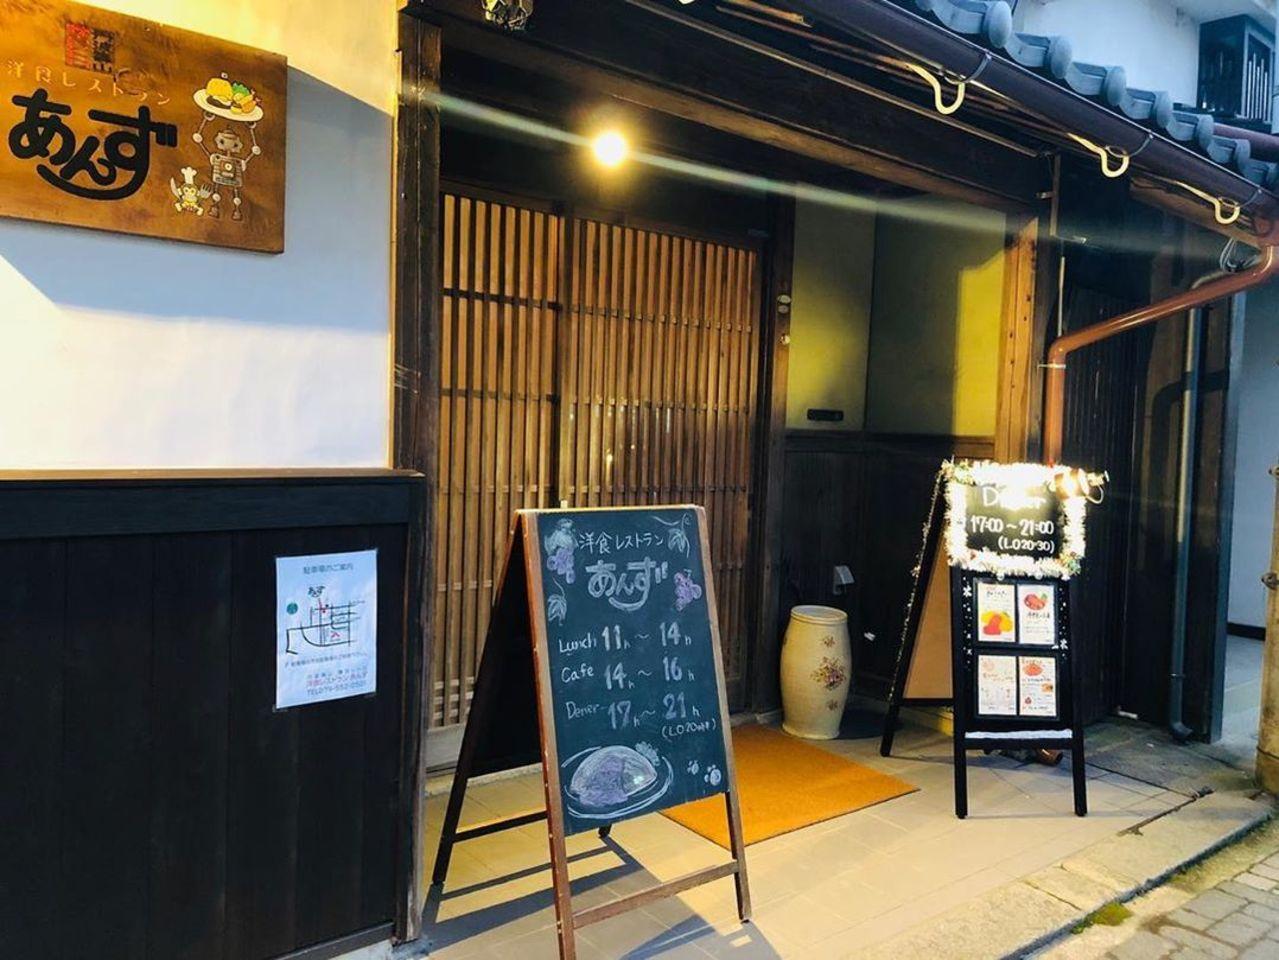 ひと昔前の洋食屋の再現。。兵庫県丹波篠山市魚屋町の洋食レストラン『あんず』